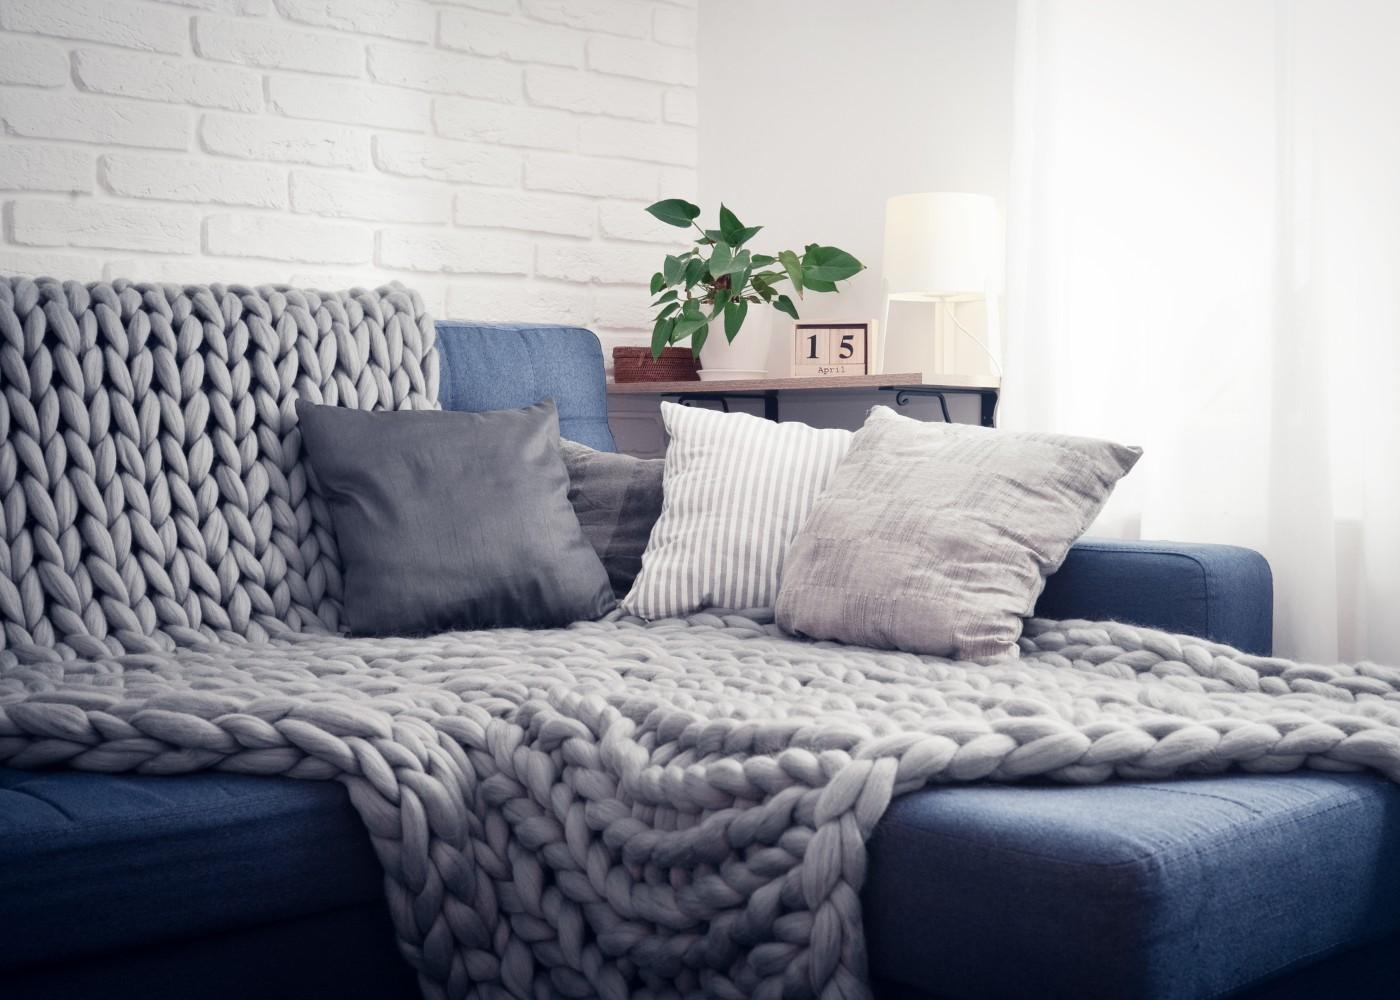 decoração de sala aconchegante com almofadas e manta no sofá